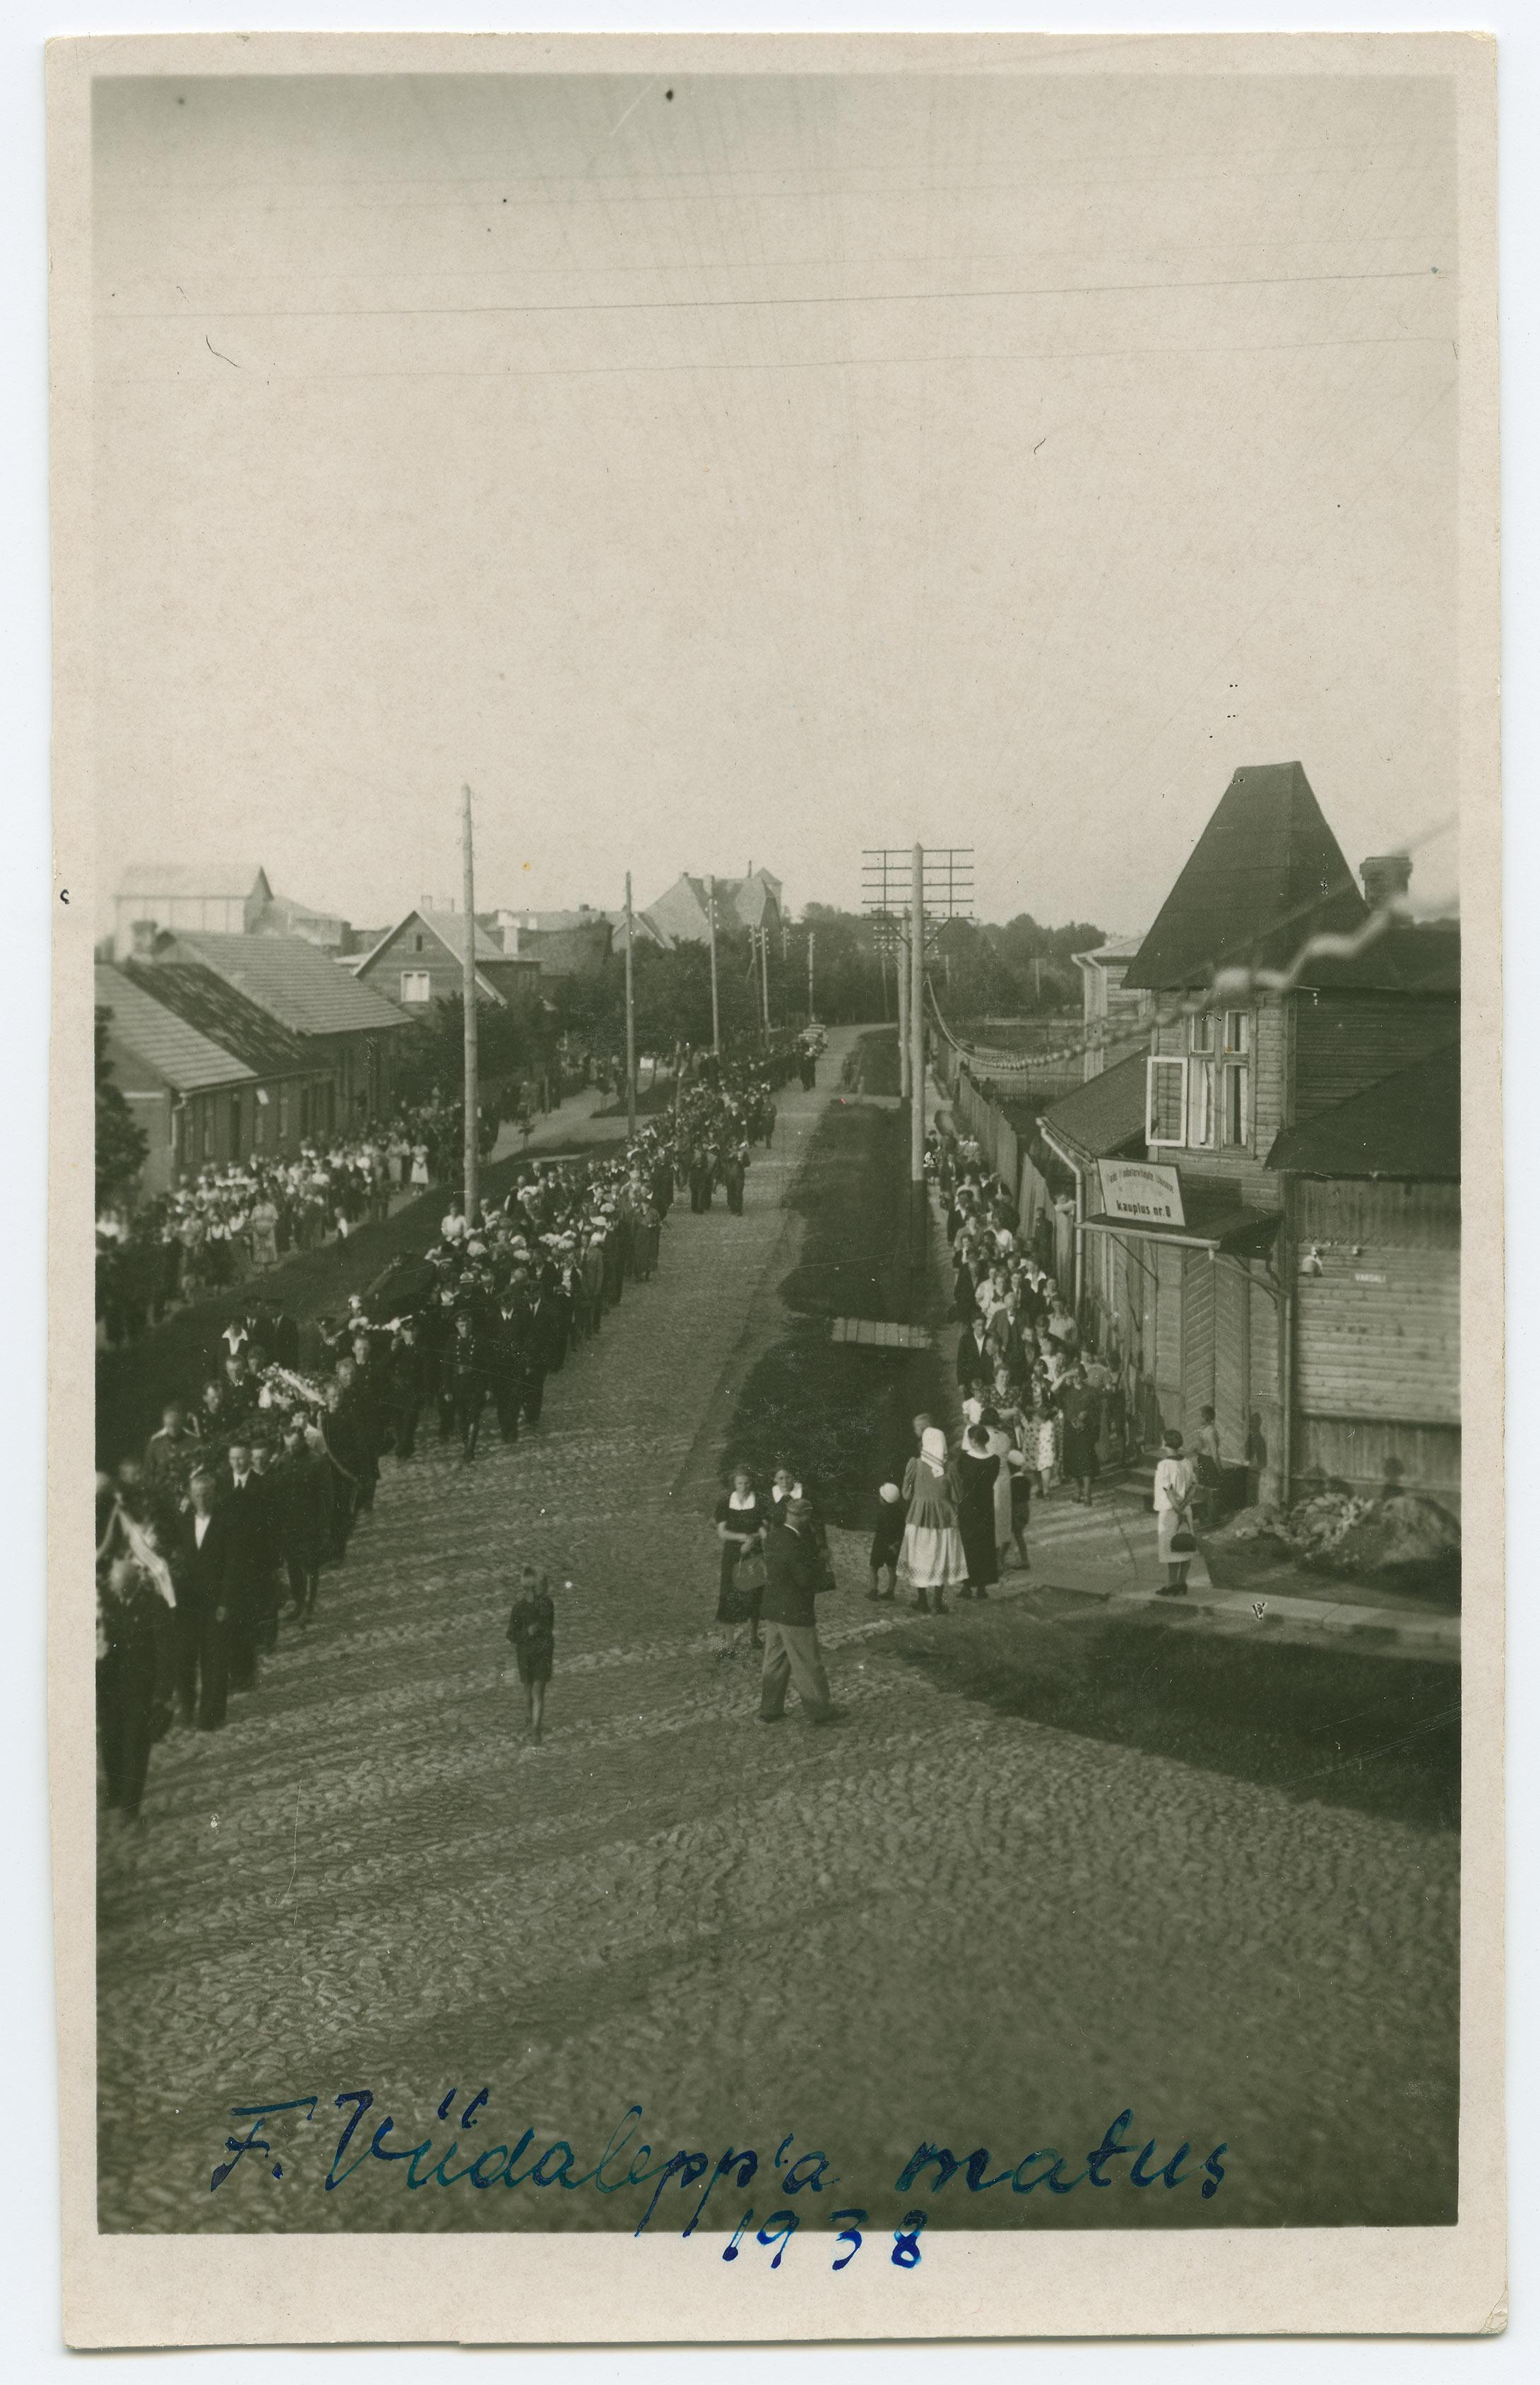 047-Felix-Viidalepa-matuserong-1938